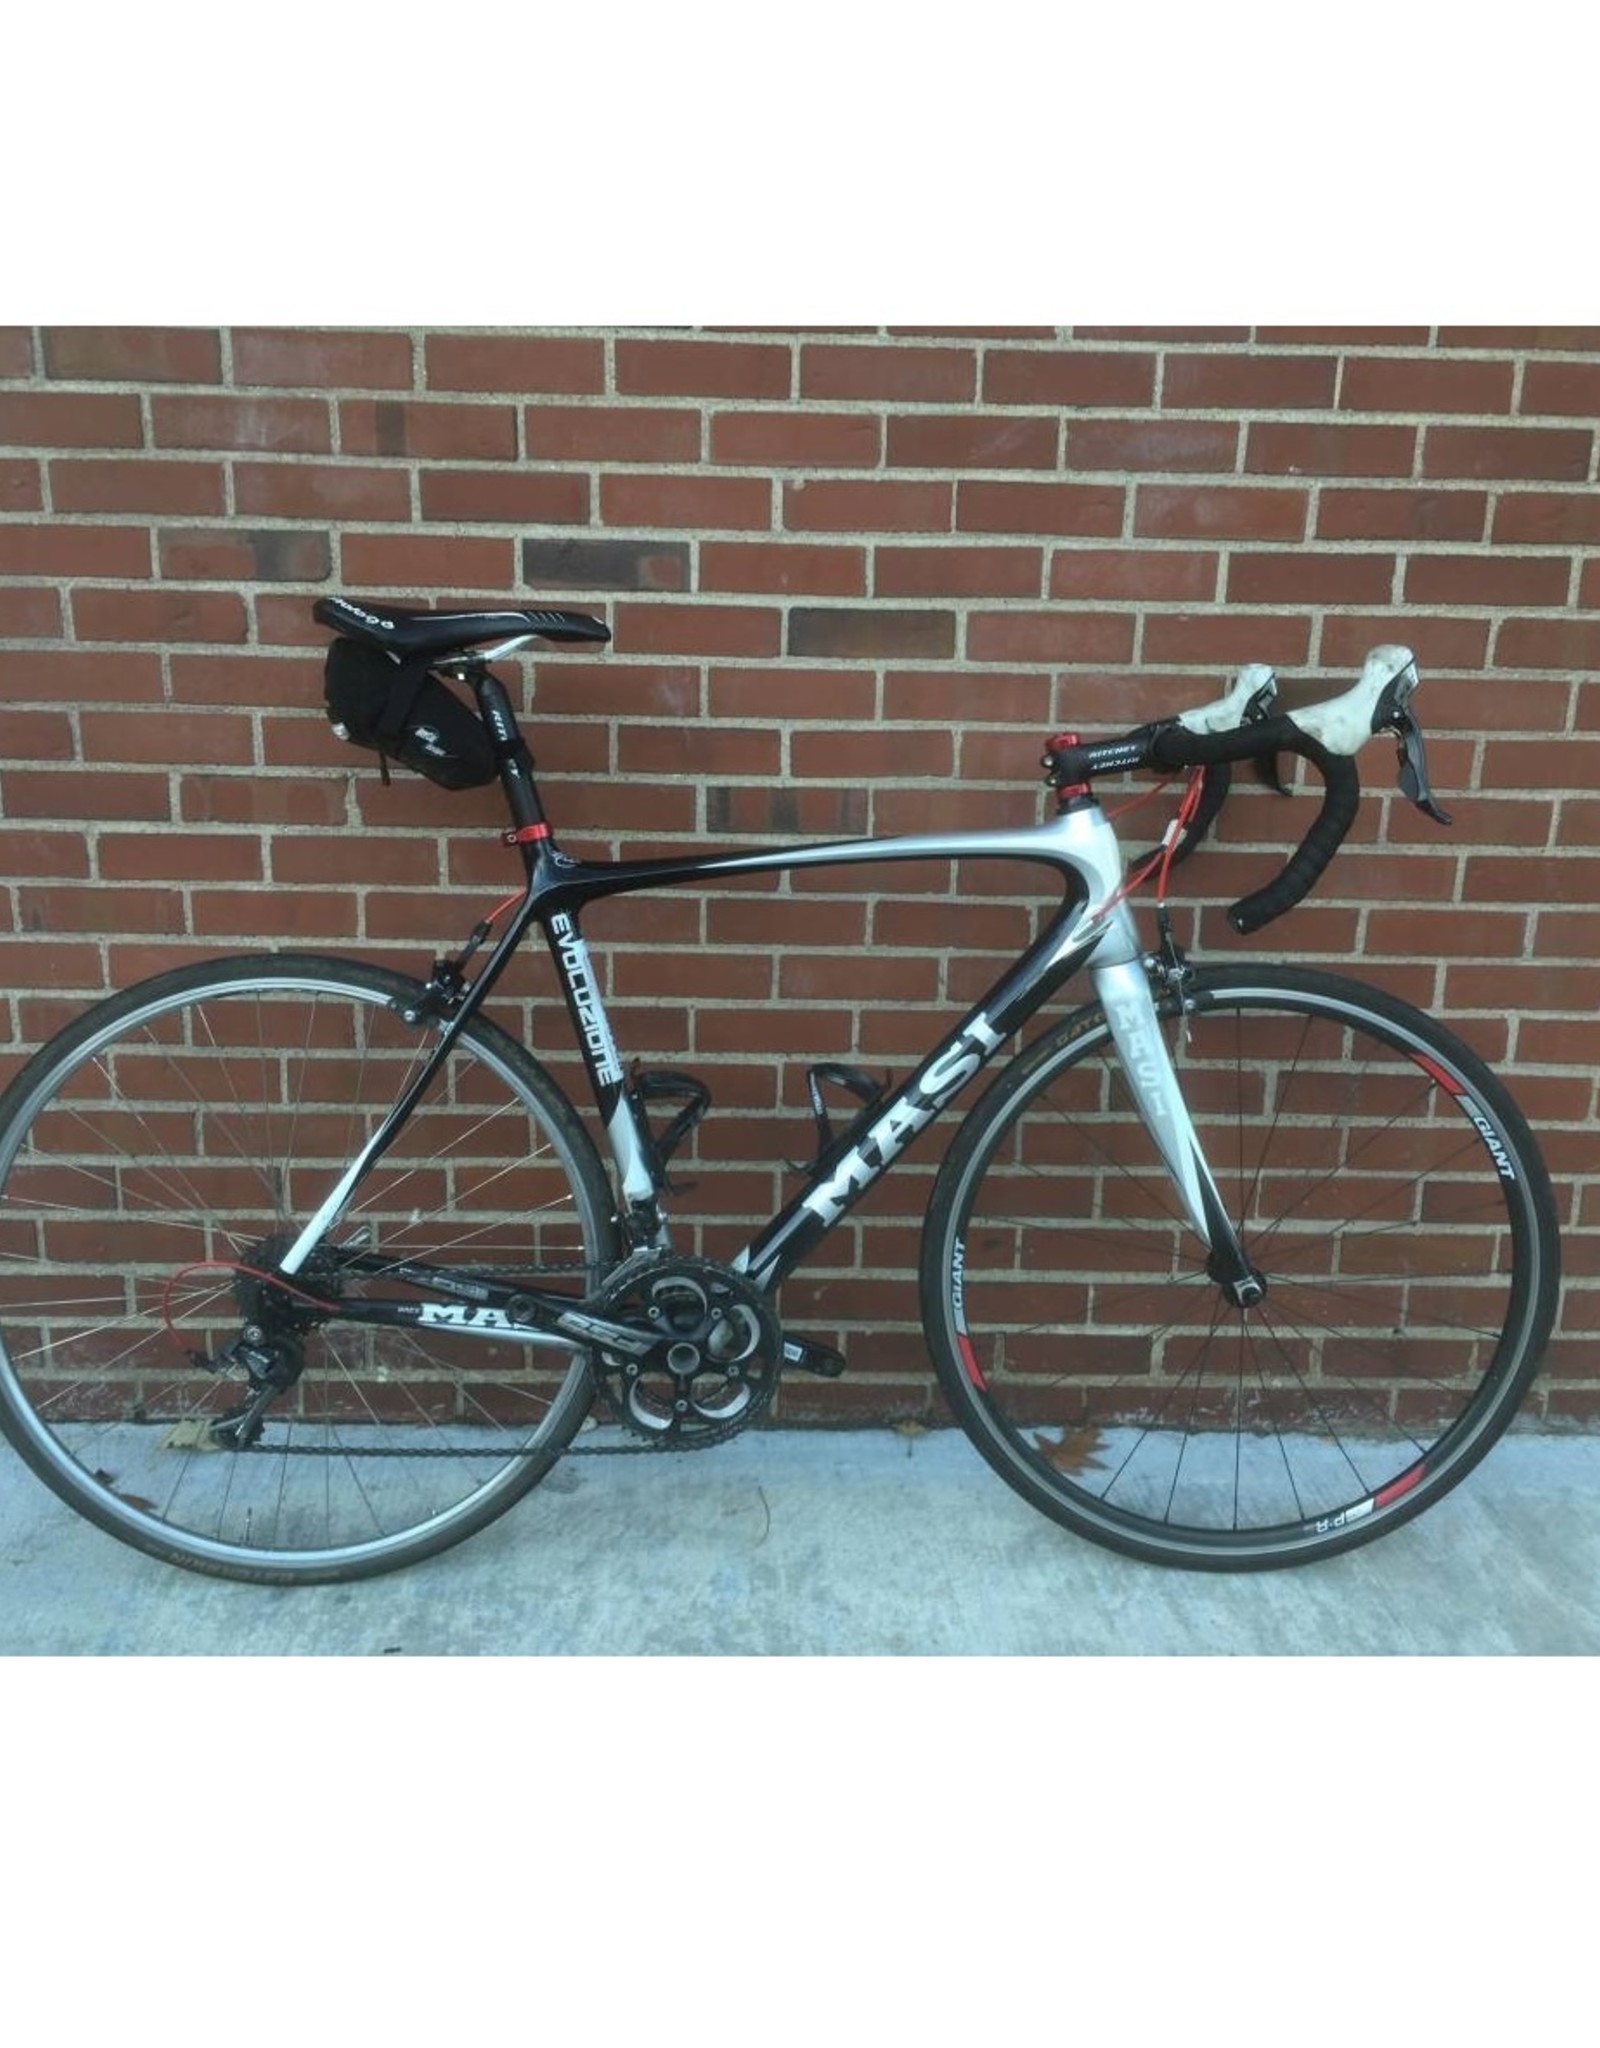 Masi Evo 2013 105 Black/Silver Bicycle